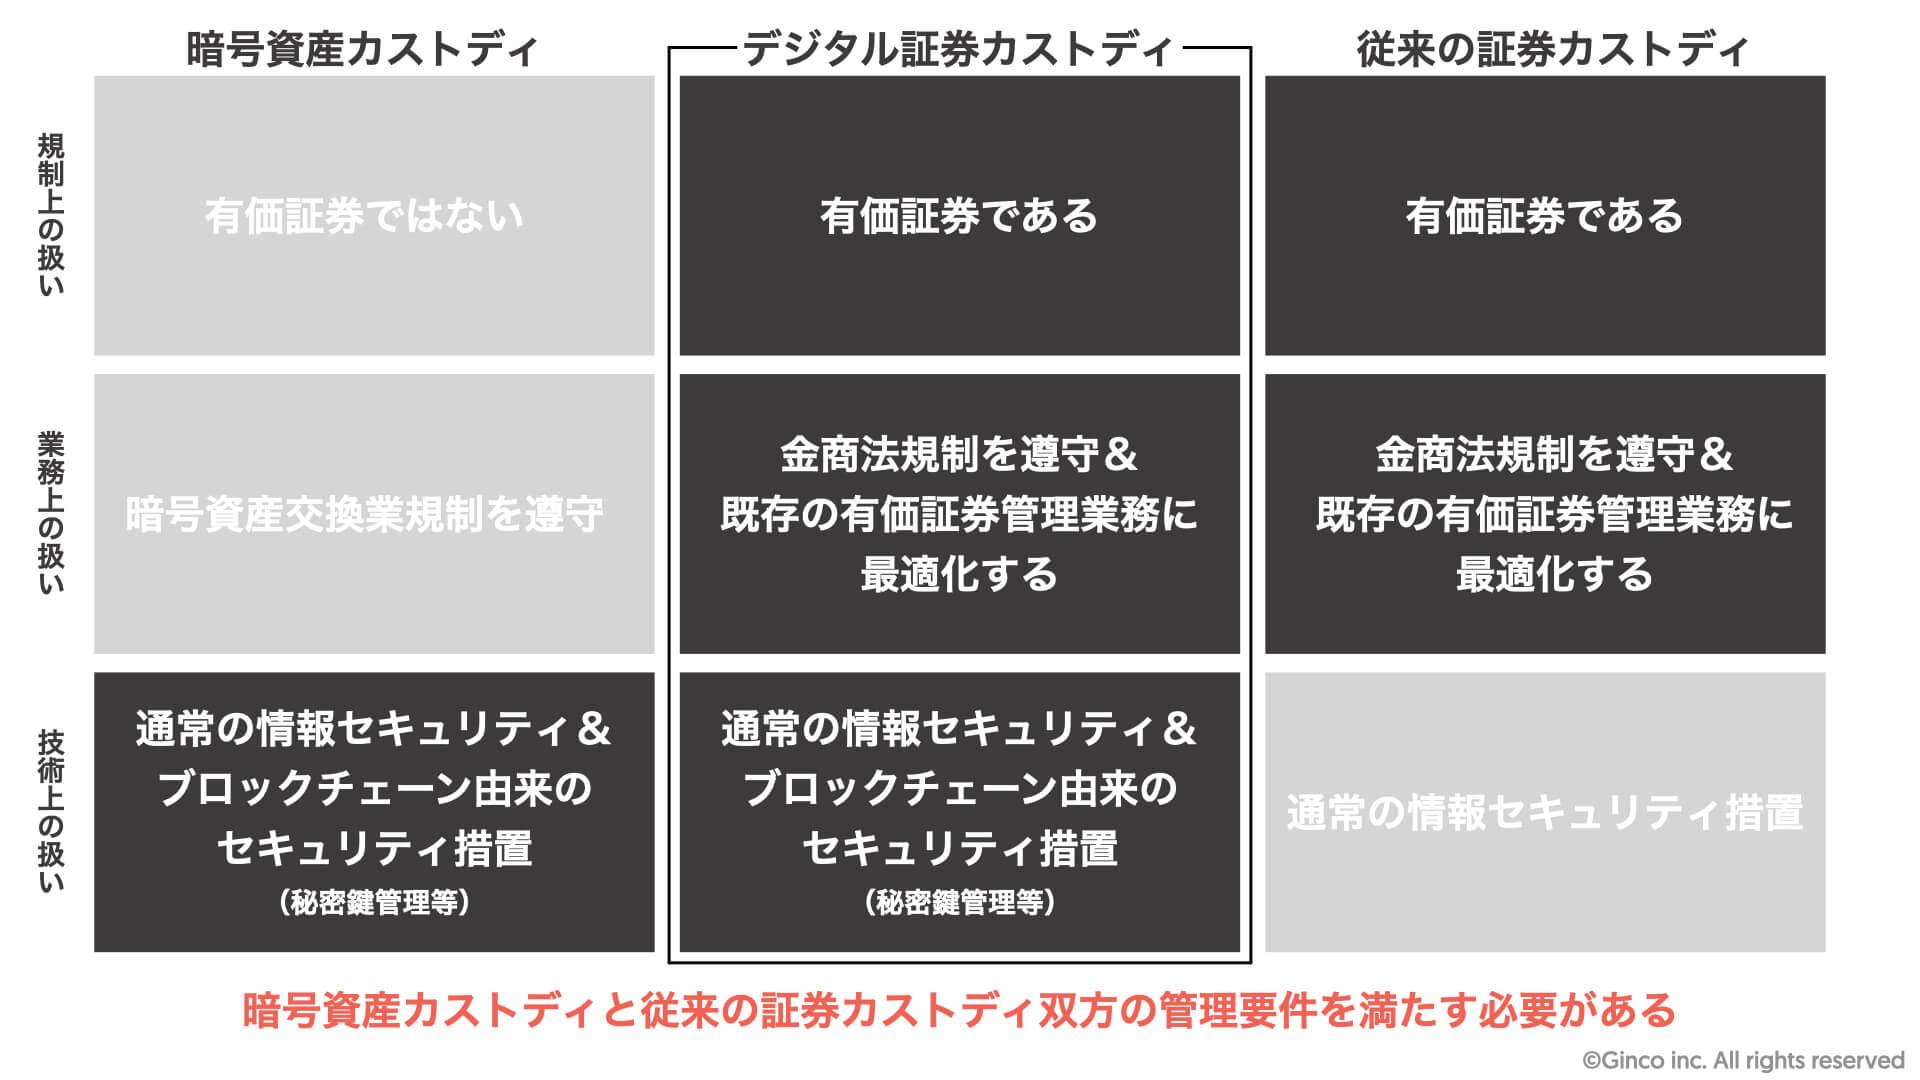 図版_デジタル証券カストディ.001-2